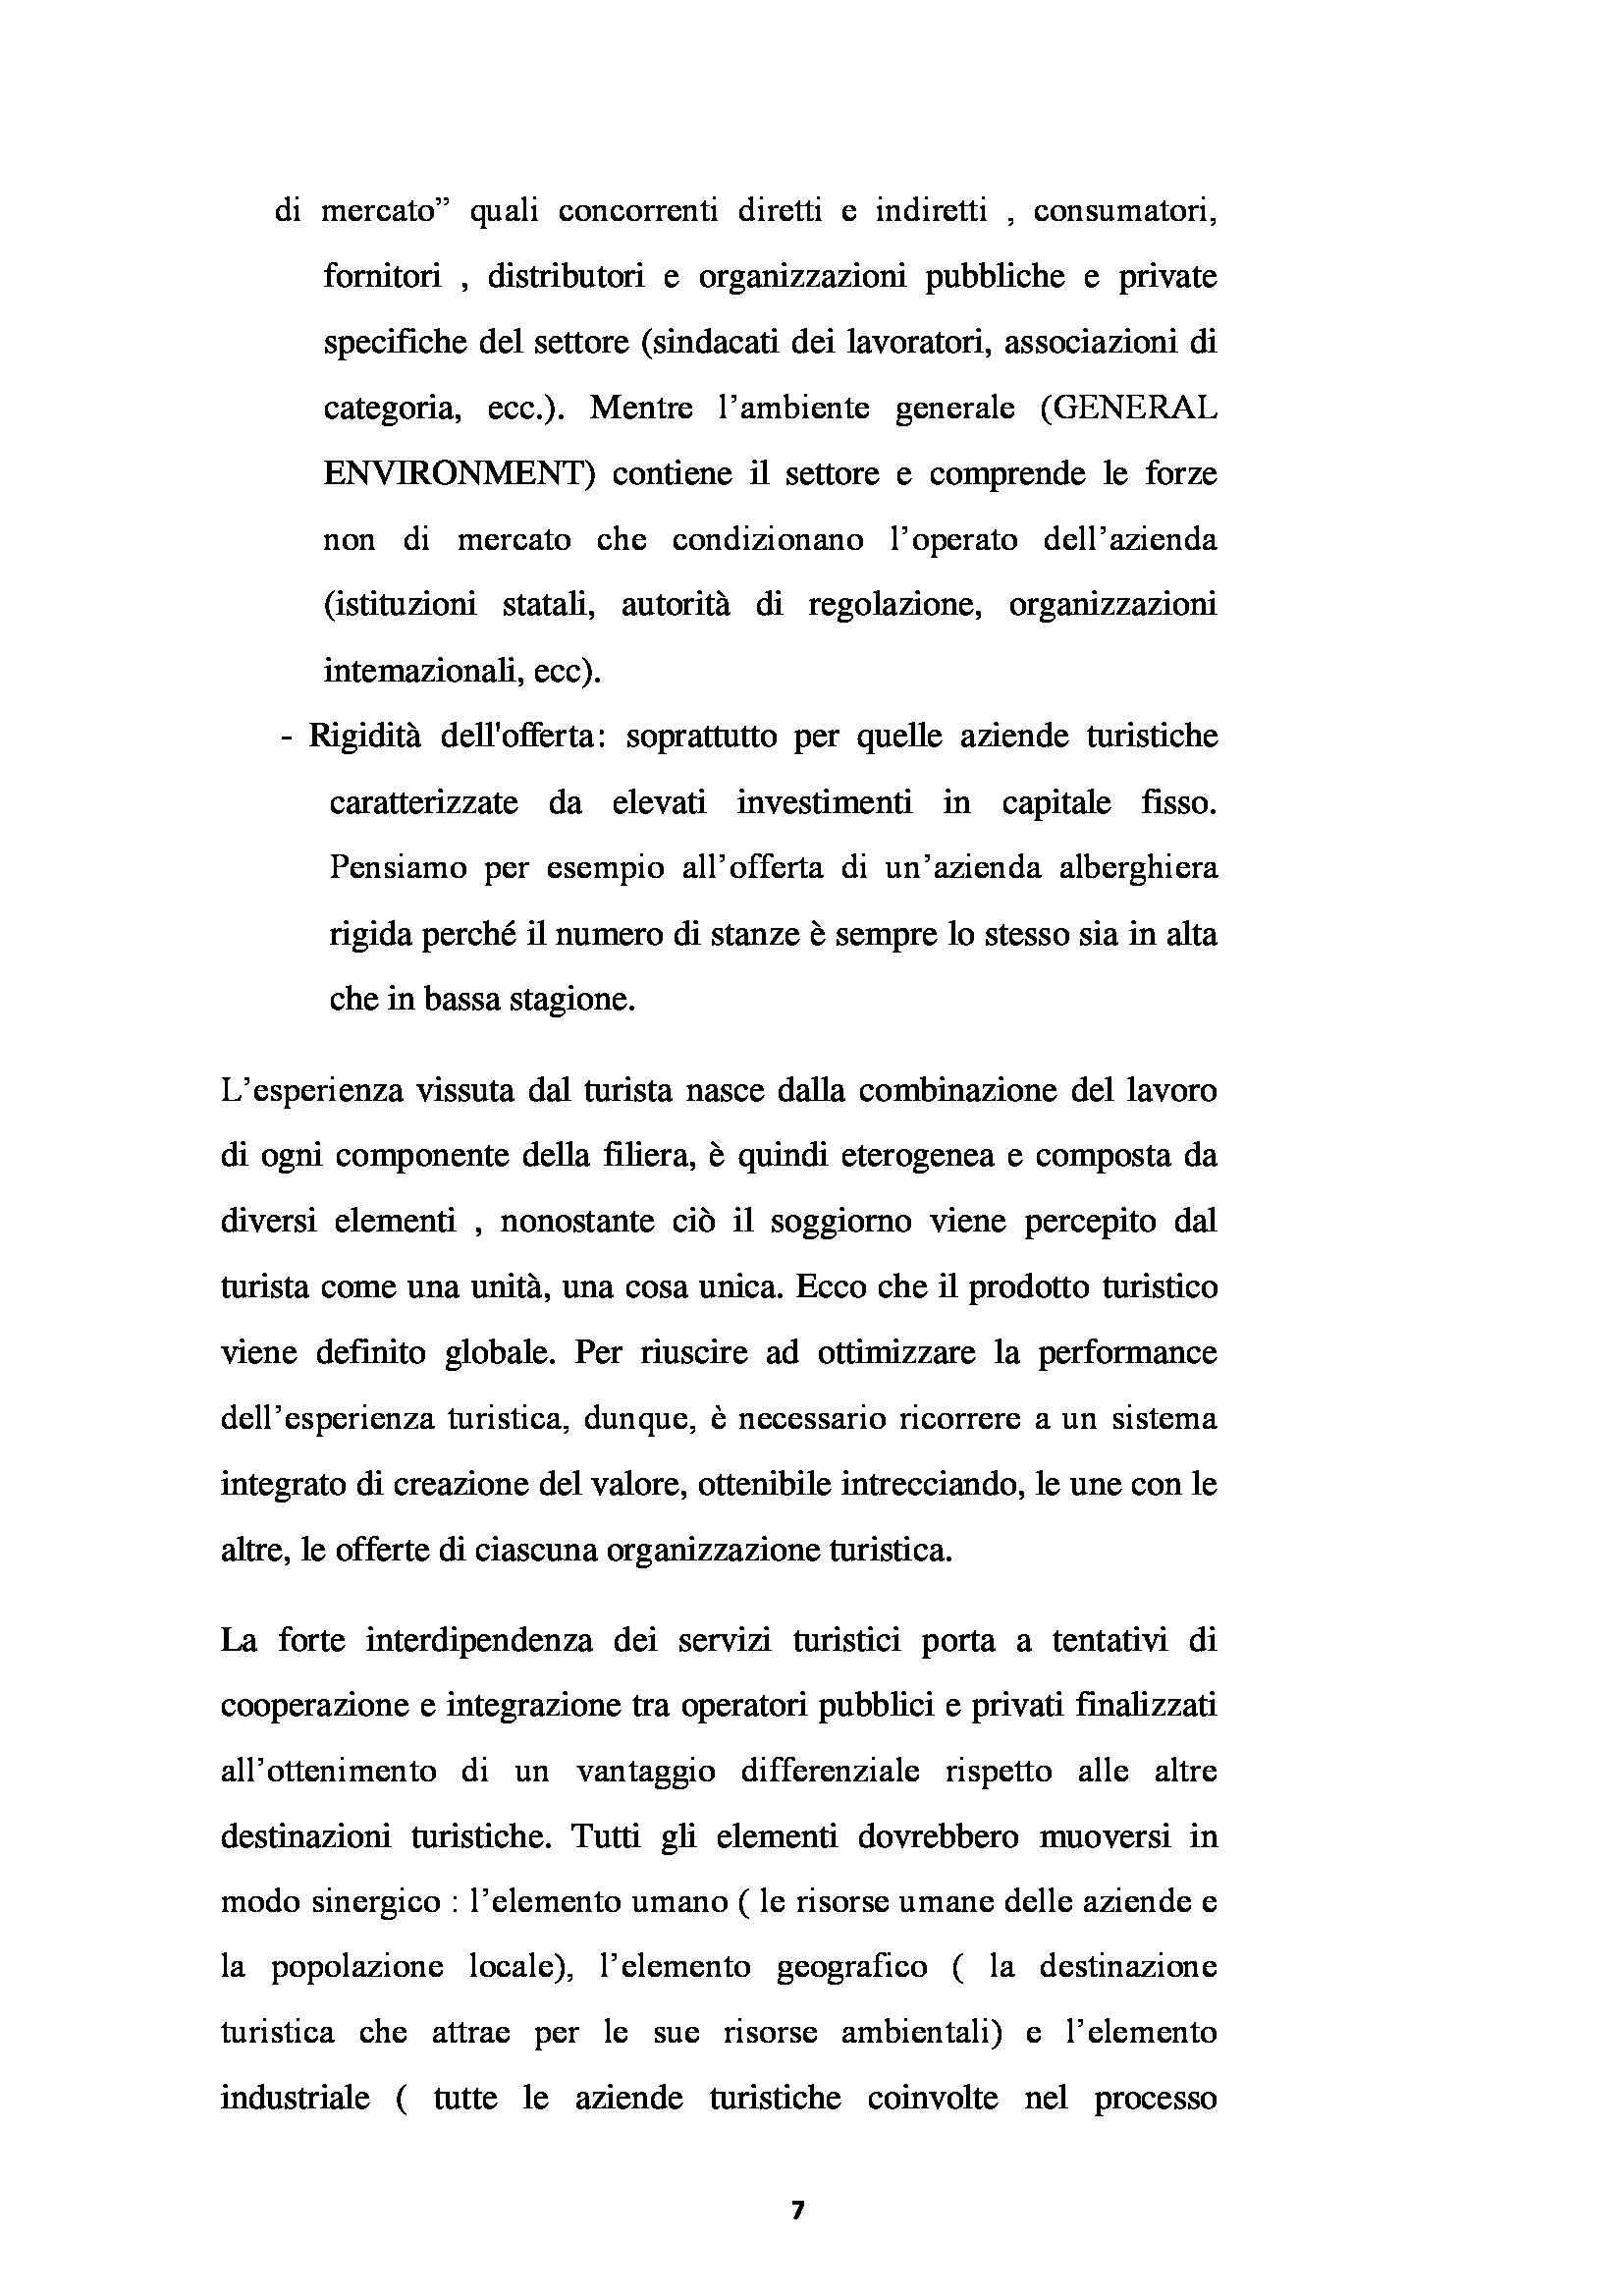 Tesi - L'Albergo Diffuso e Il Territorio. Il Caso Della Regione Abruzzo Pag. 6